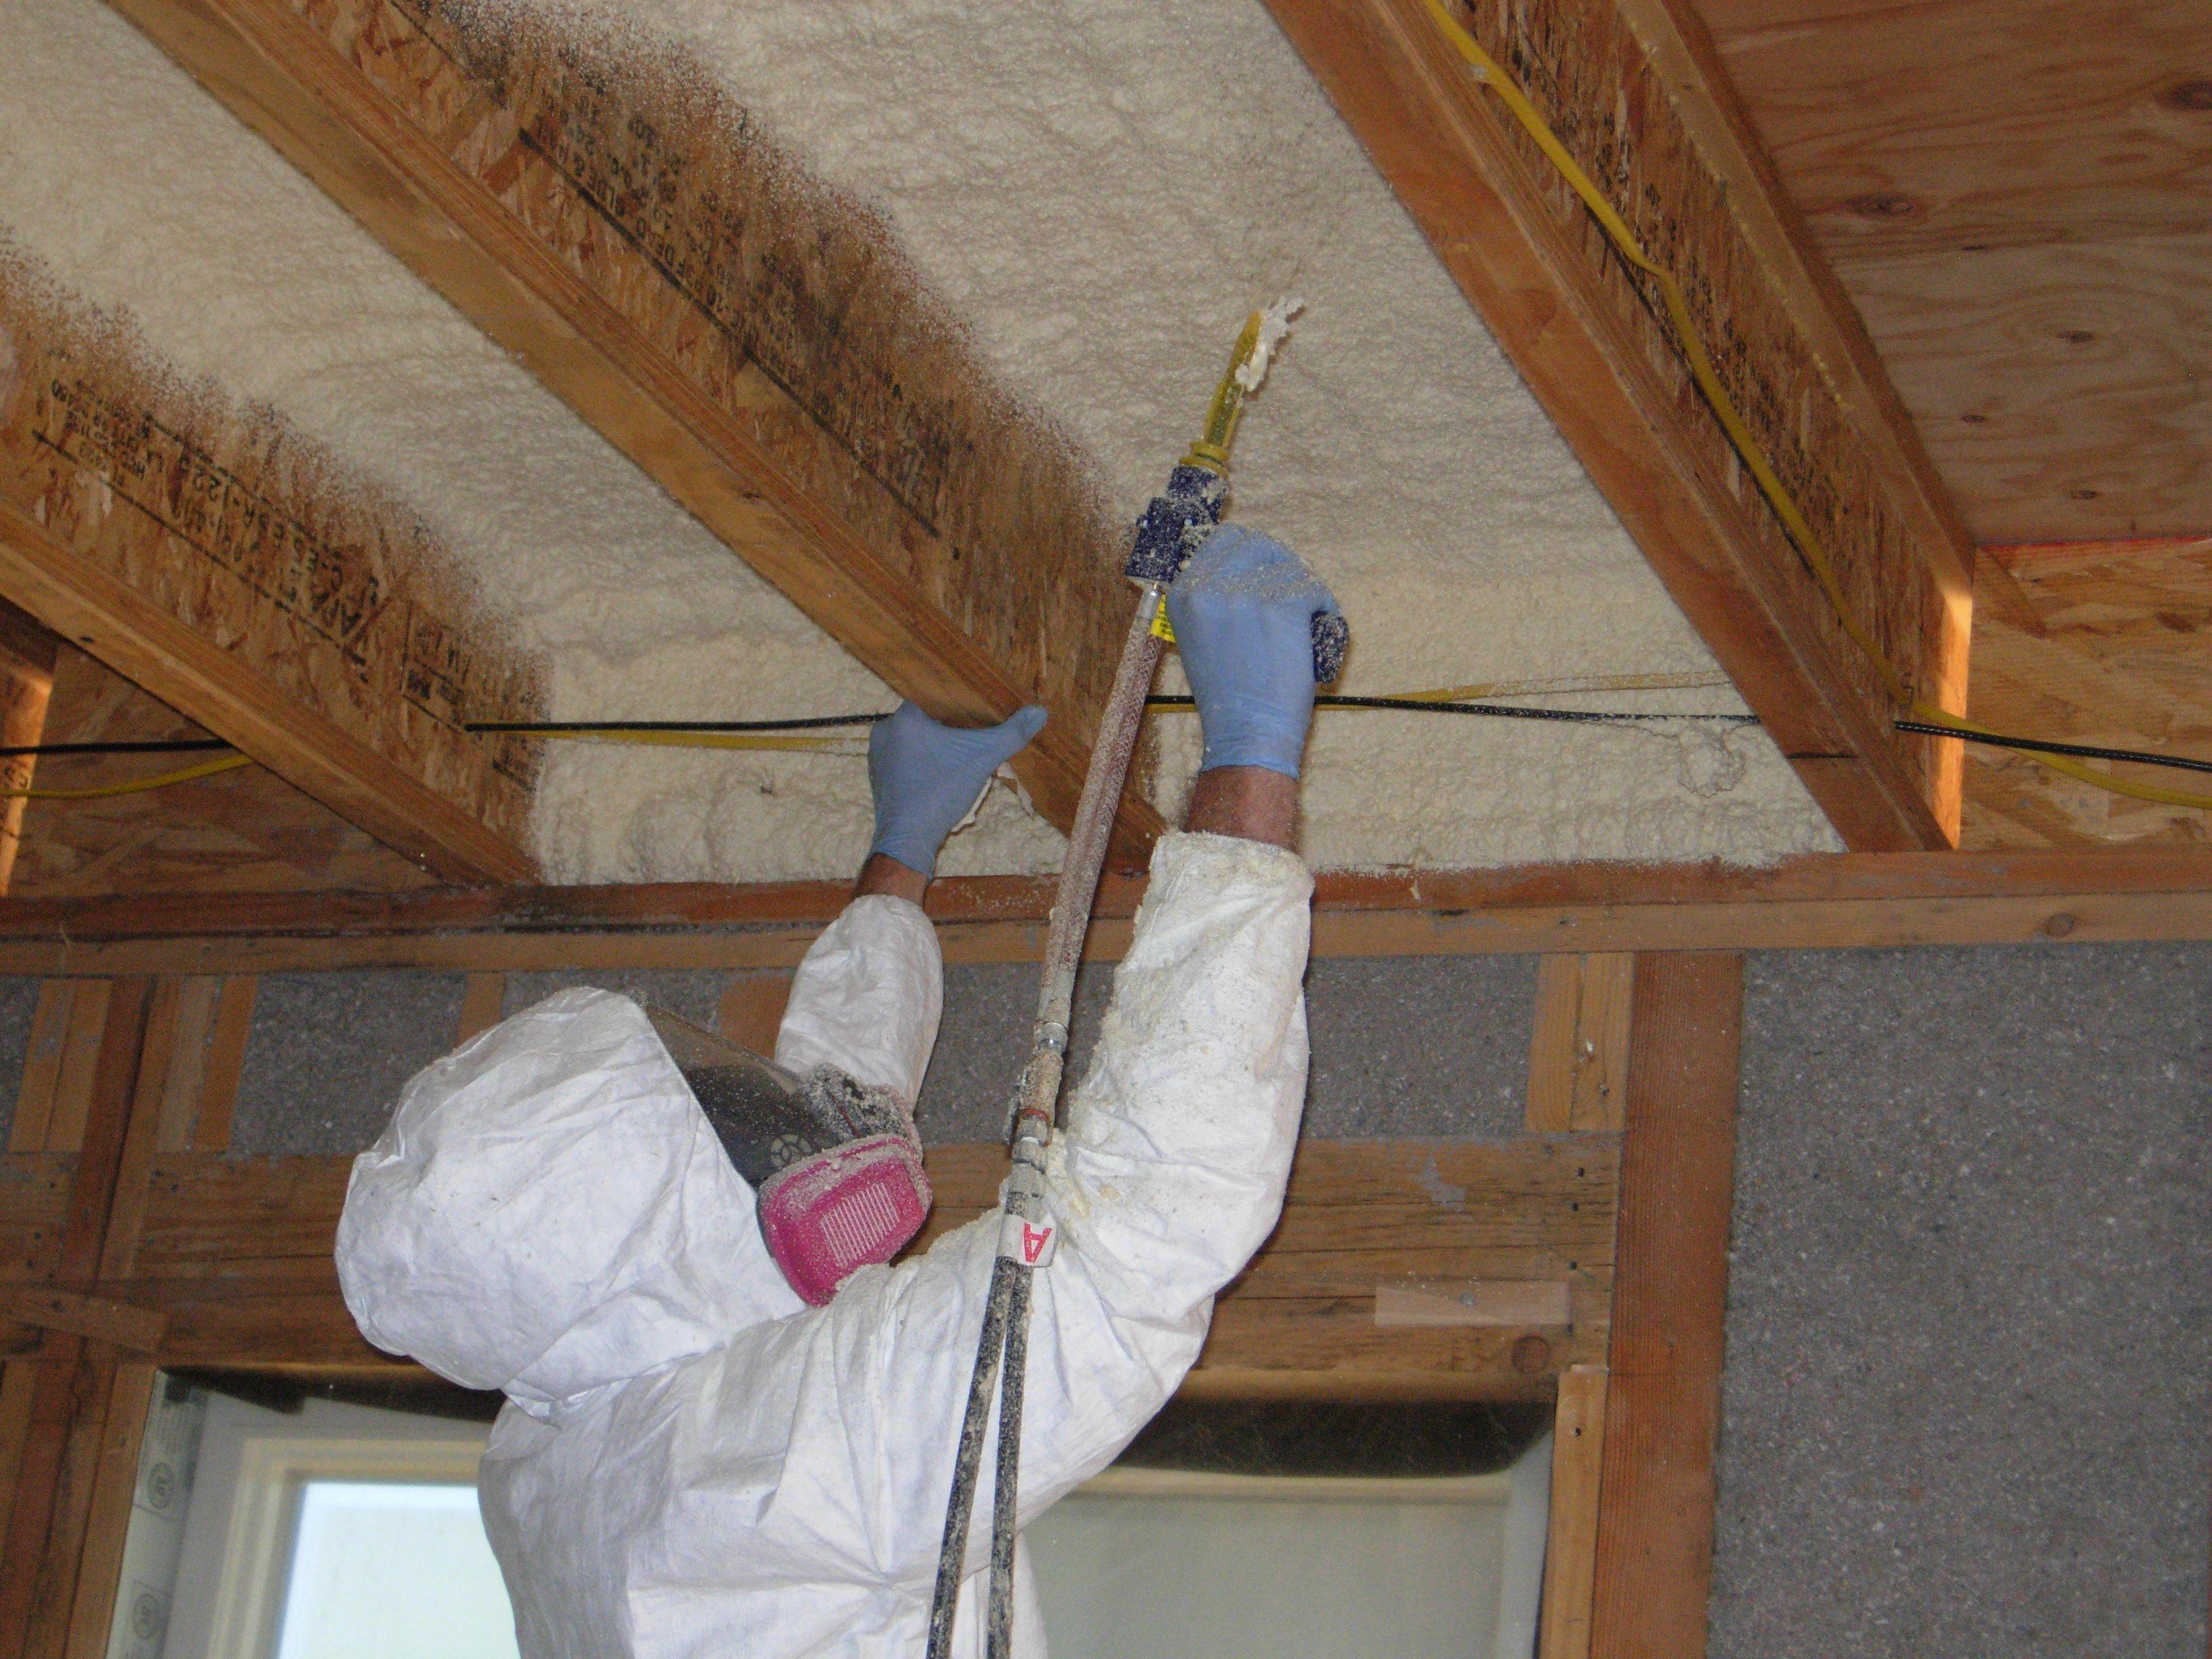 Утепление 2 этажа деревянного дома. как утеплить второй этаж деревянного дома: особенности межэтажного перекрытия. внутренняя и наружная теплоизоляция